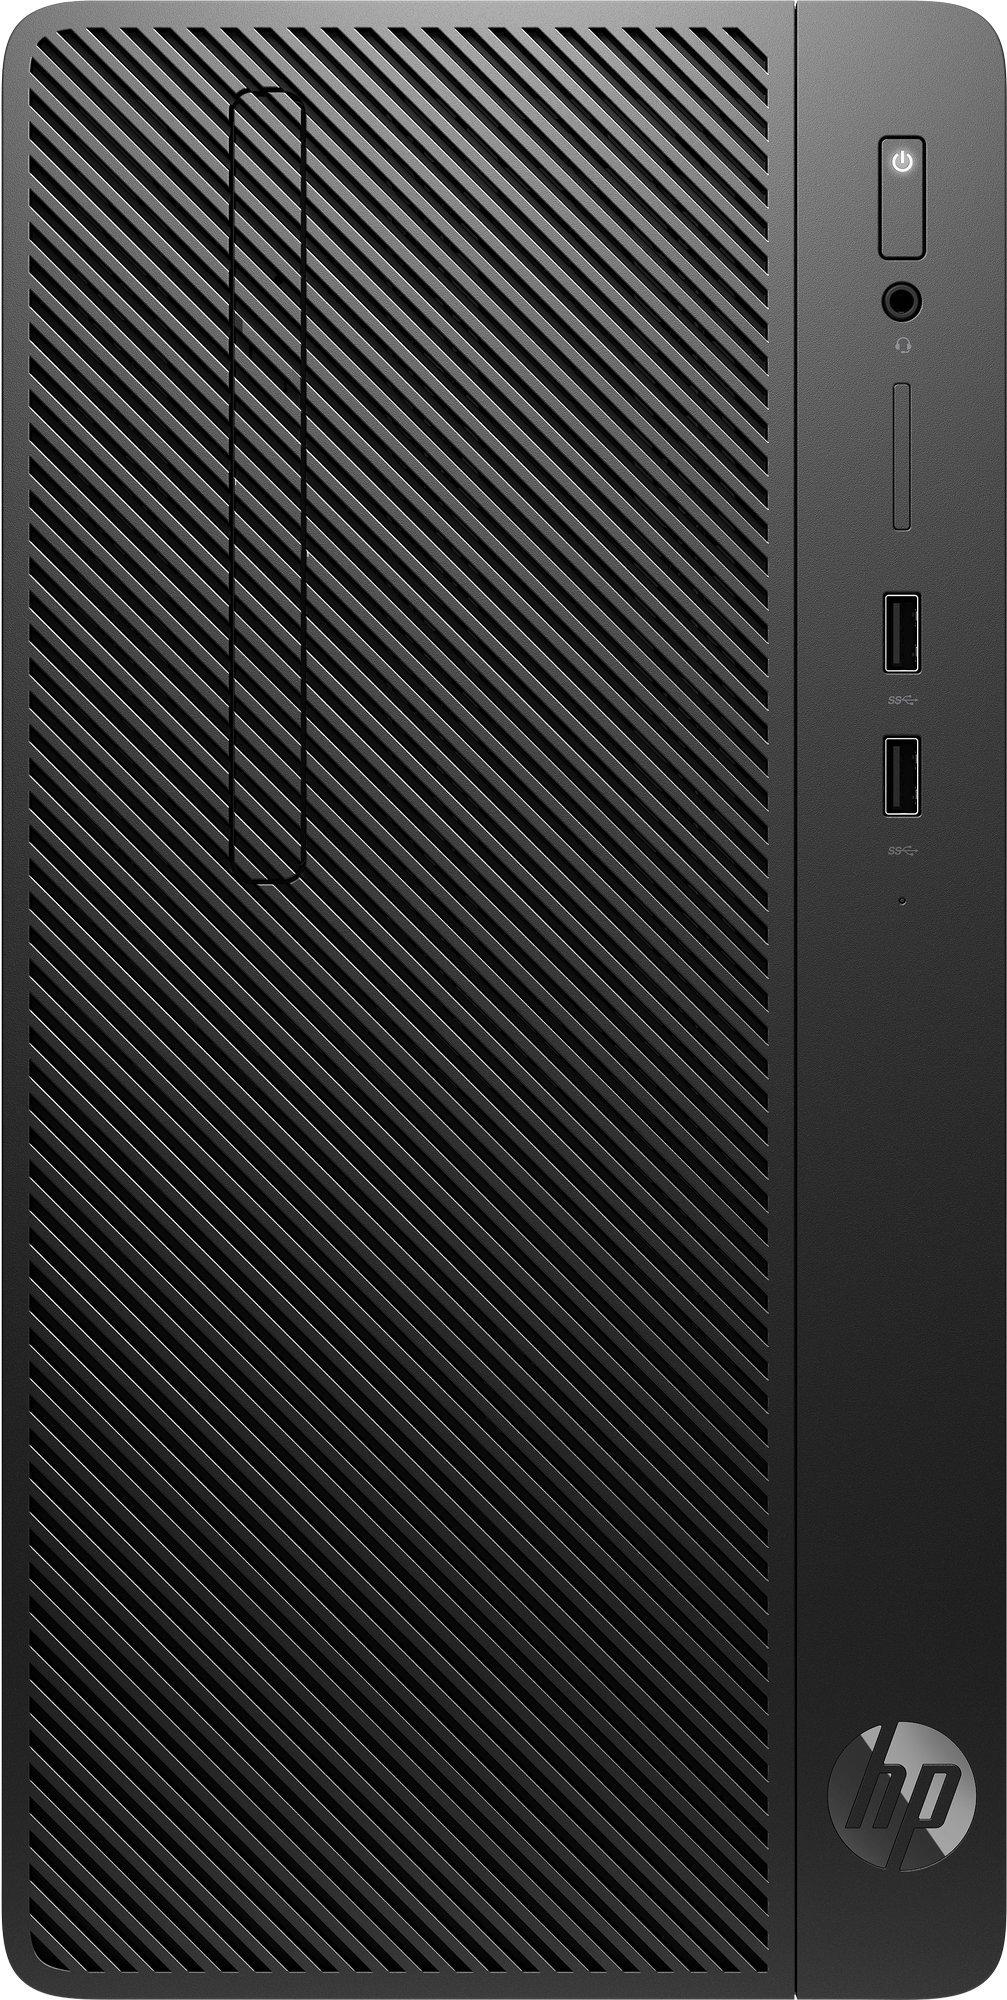 HP 290 G2 MT